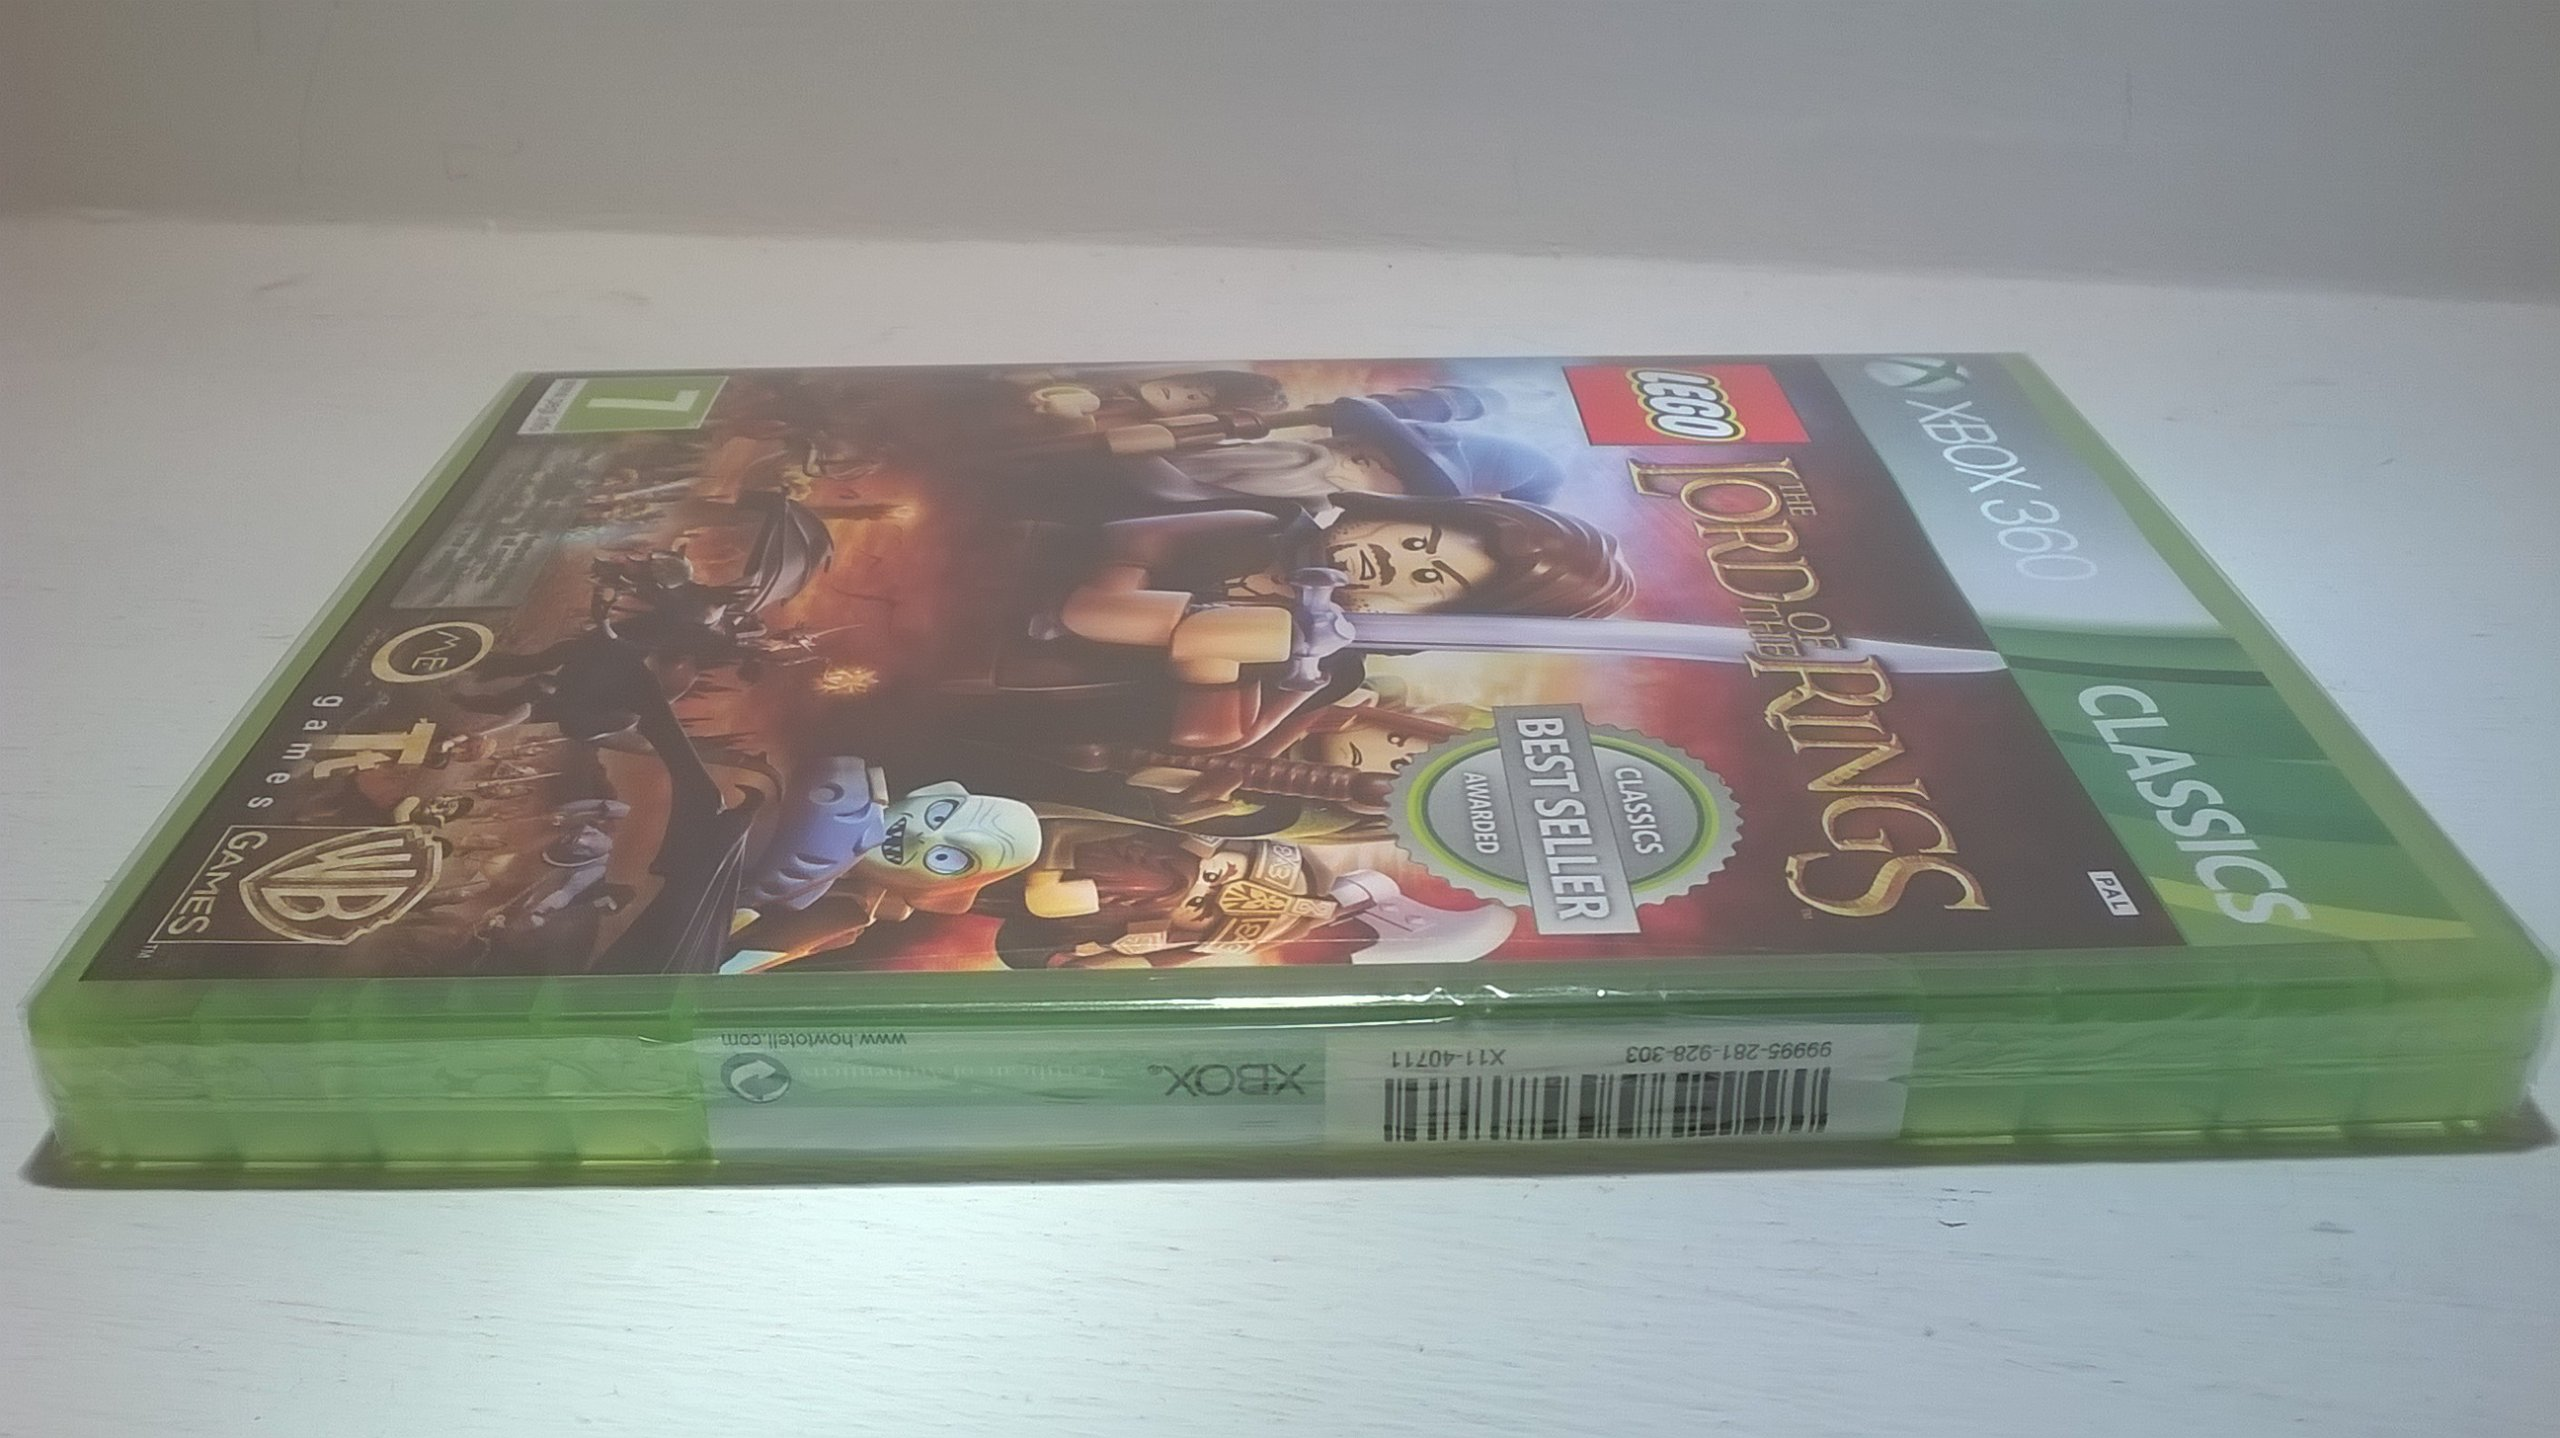 Lego Władca Pierścieni Pl Nowa Folia Xbox360 Sklep 7132911429